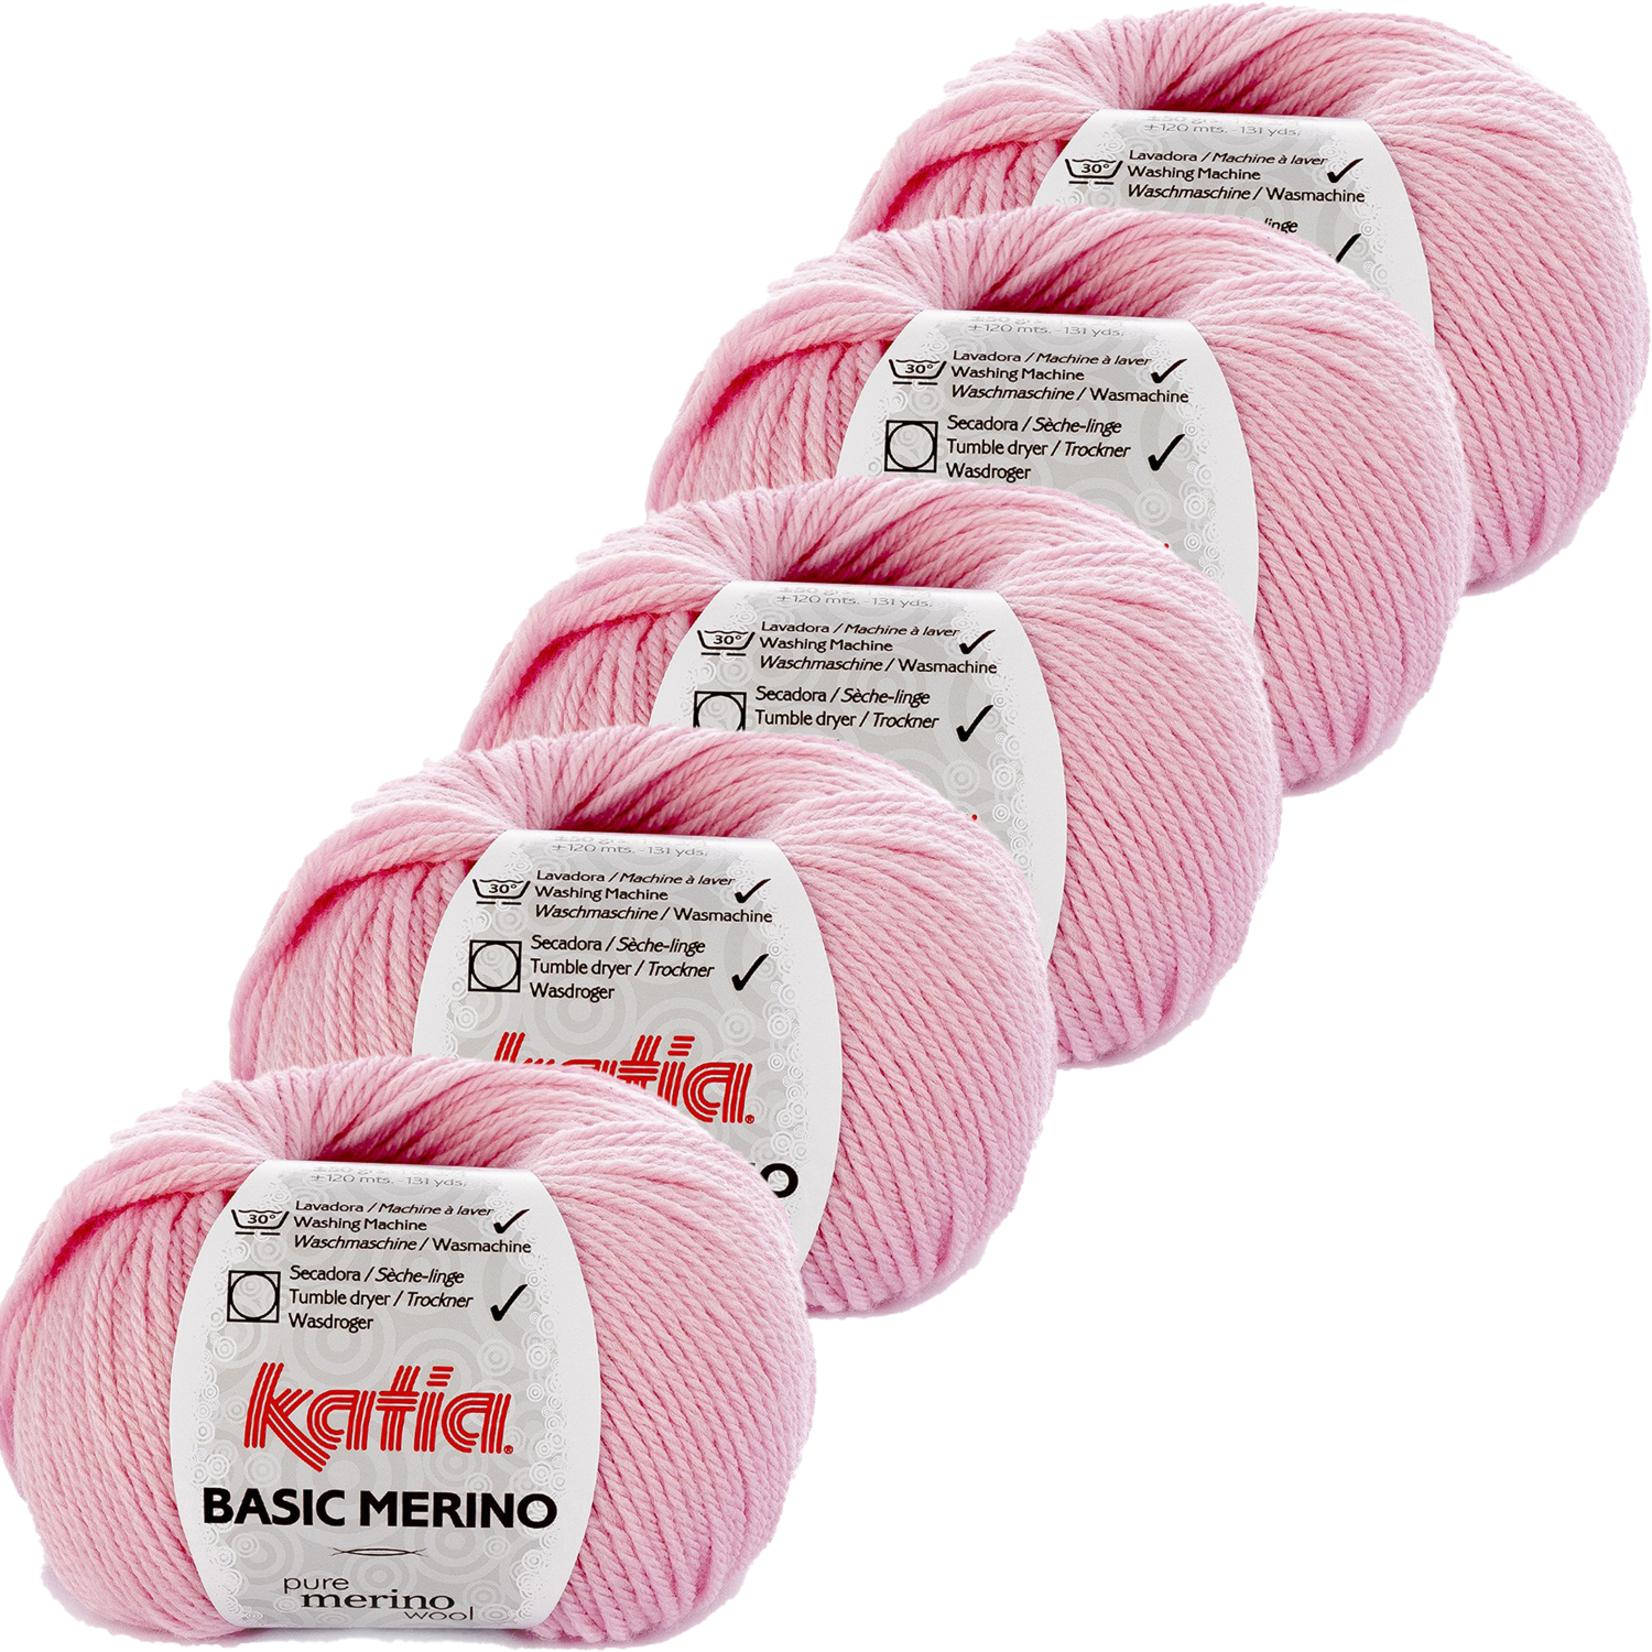 Katia Basic Merino - kleur 25_Bleekrood - bundel 5 bollen 50 gr.  van 120 m.